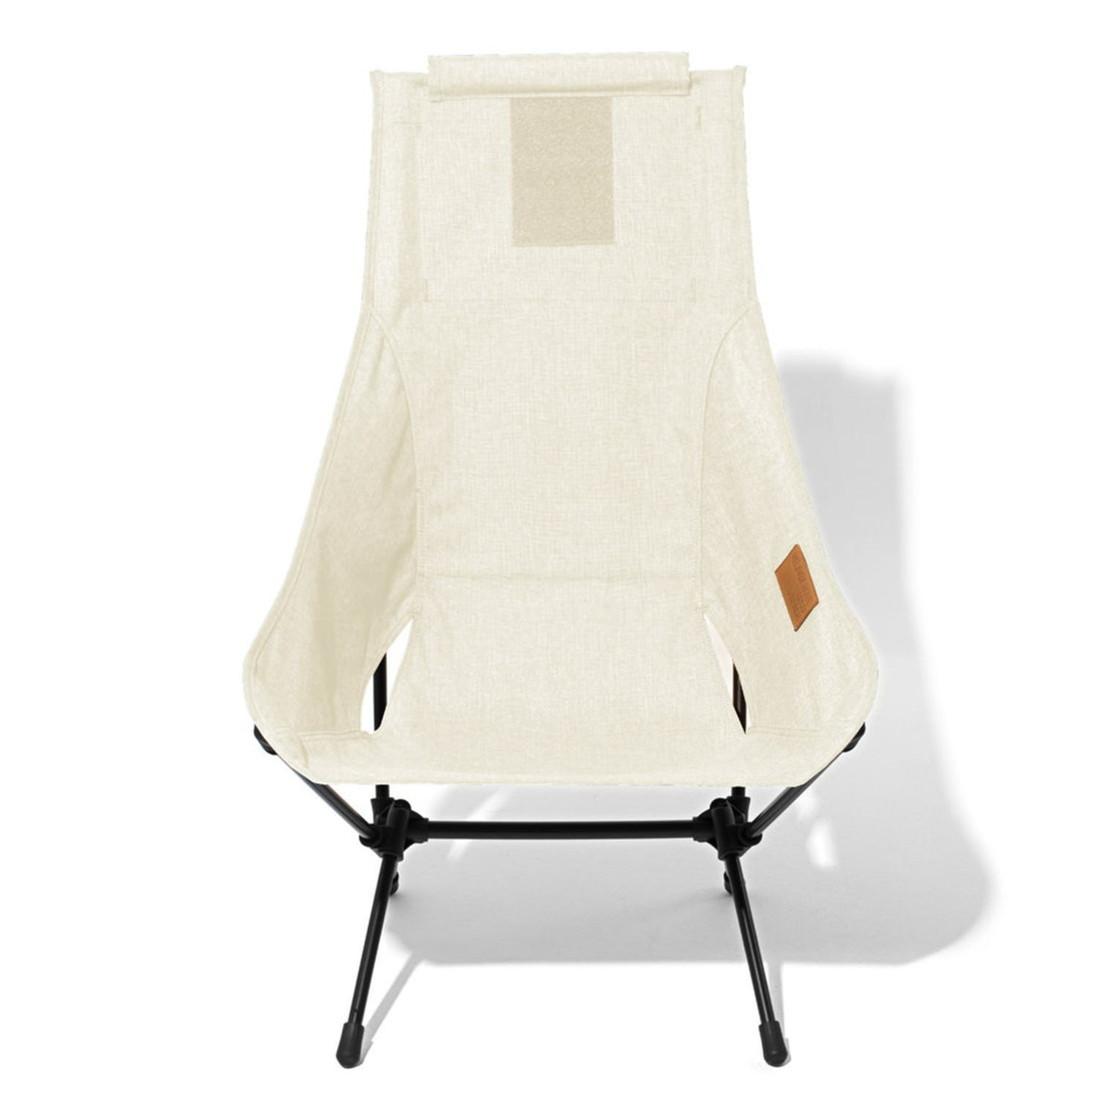 ヘリノックス チェアツーホーム 19 折りたたみ椅子チェアー  国内正規品